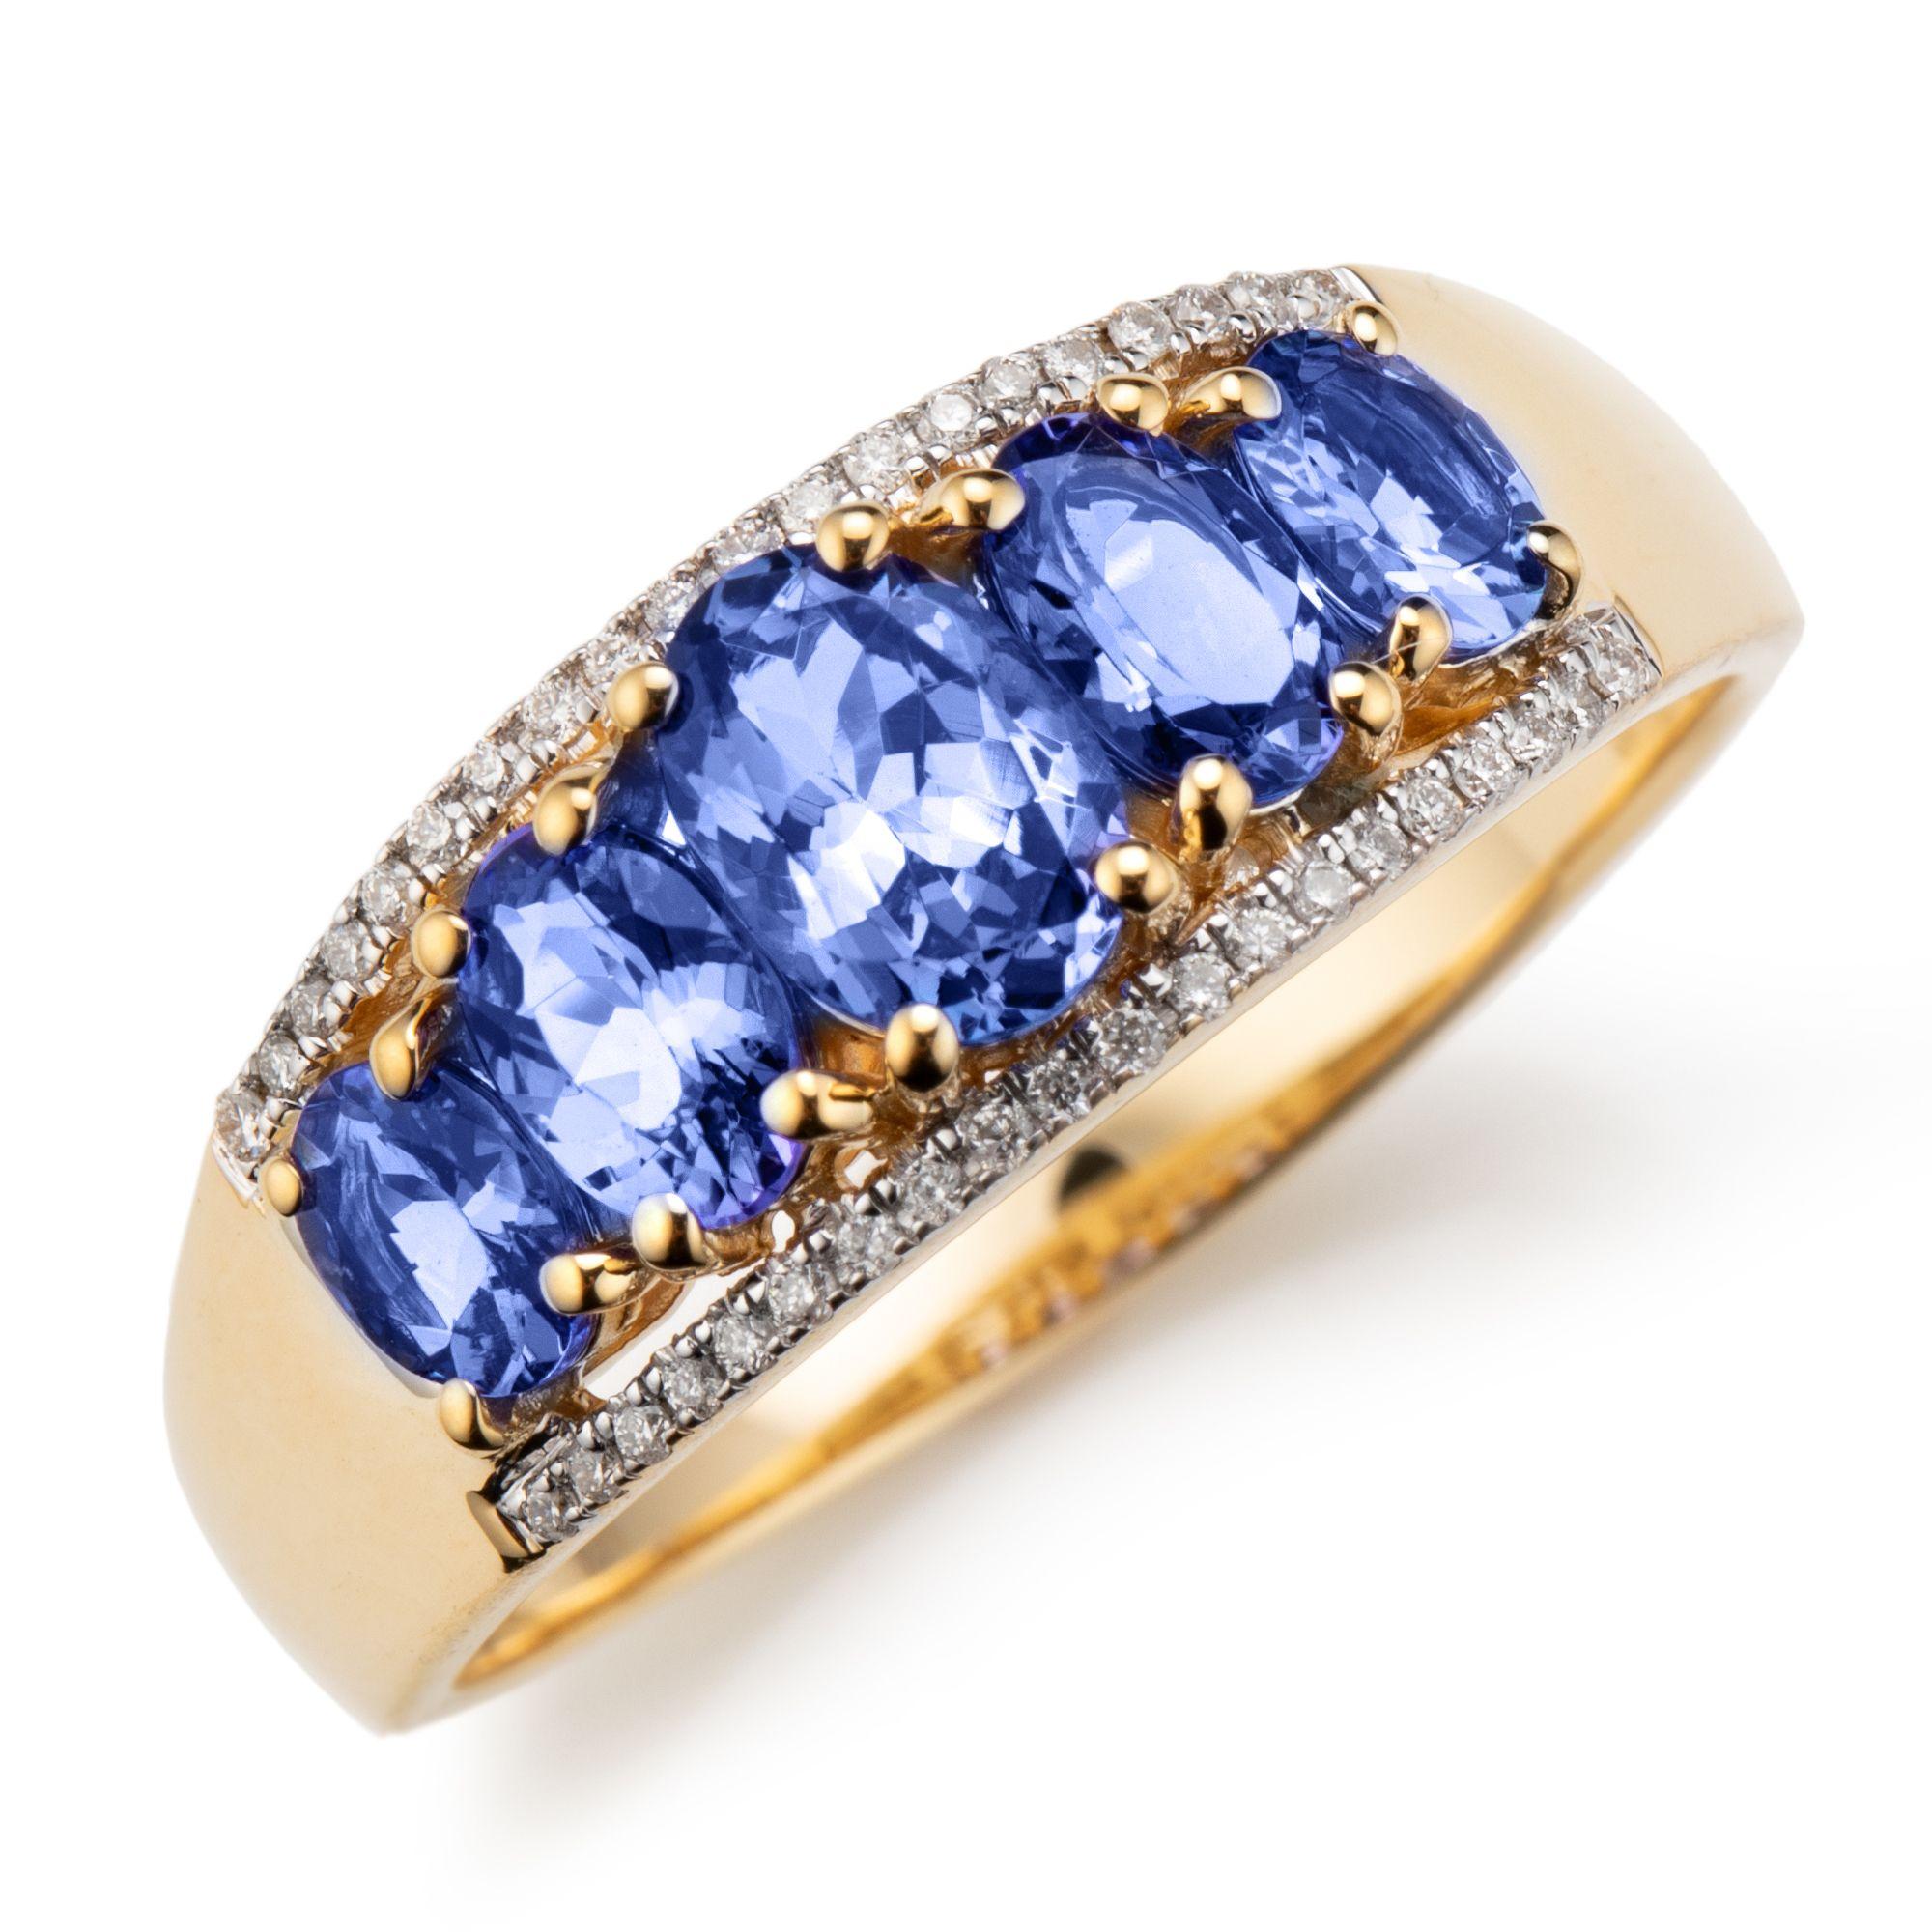 Traumhafter Blauer Diamant Rundschliff Edelstein Blue Diamond Gemstone